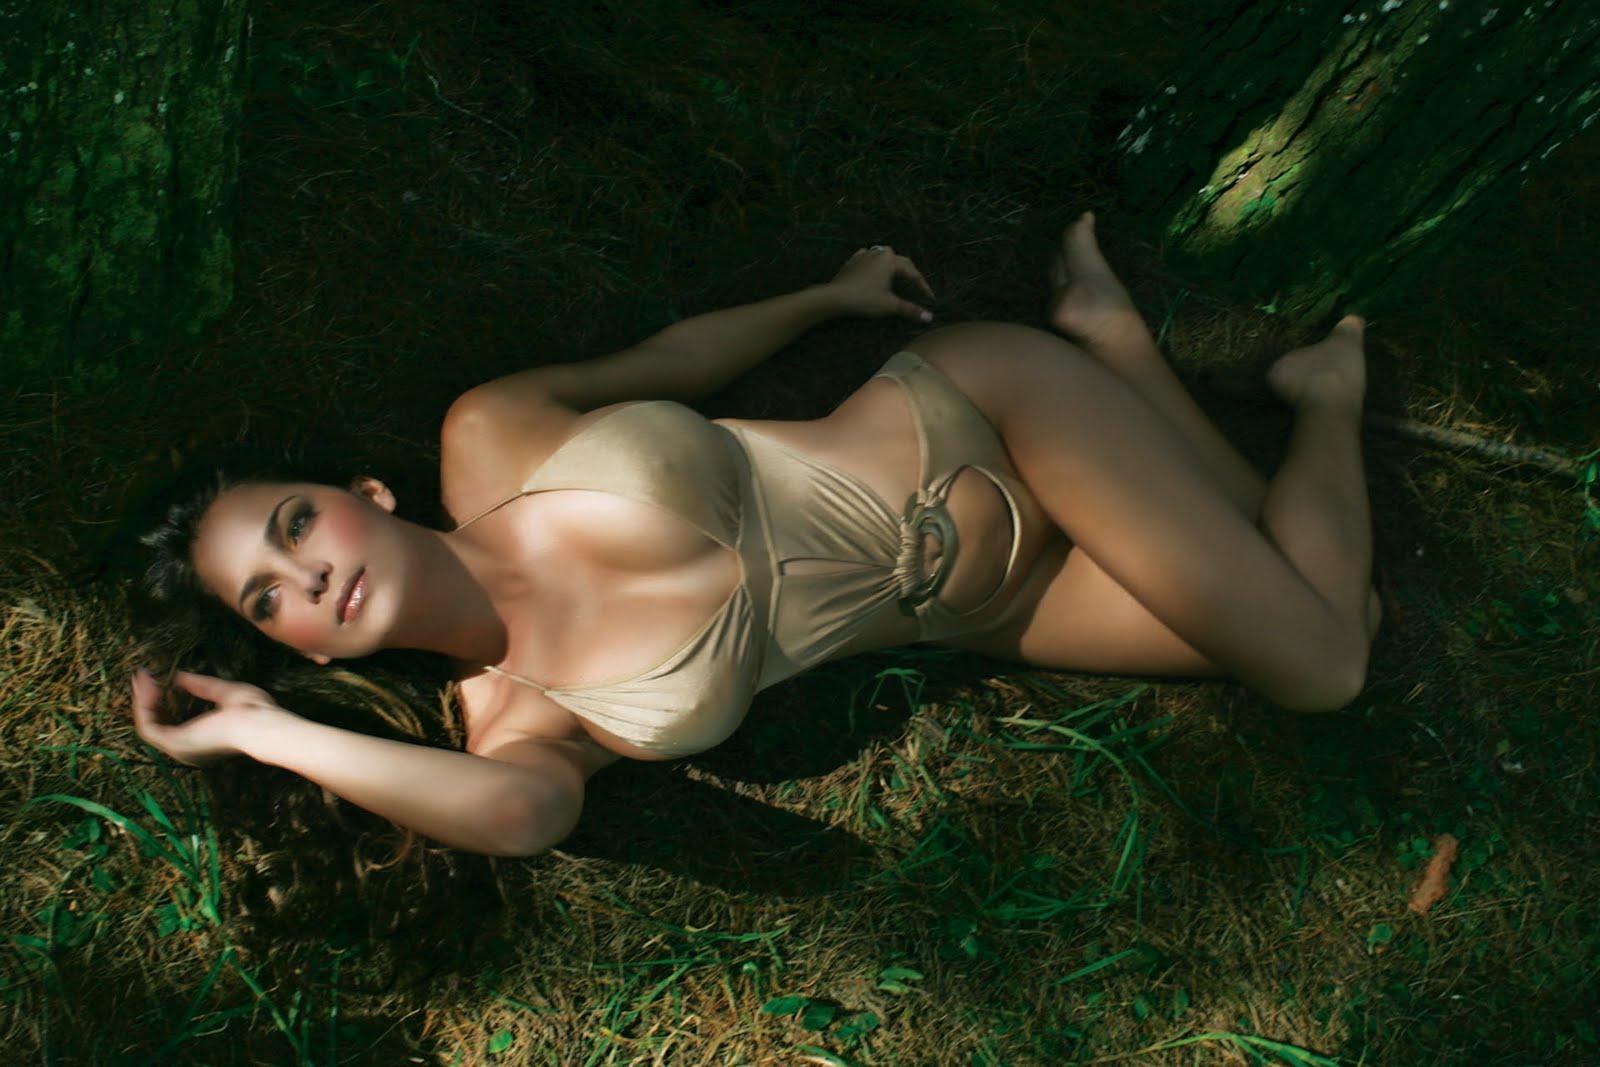 Rapper Eve Nipple Slip nude (67 image)